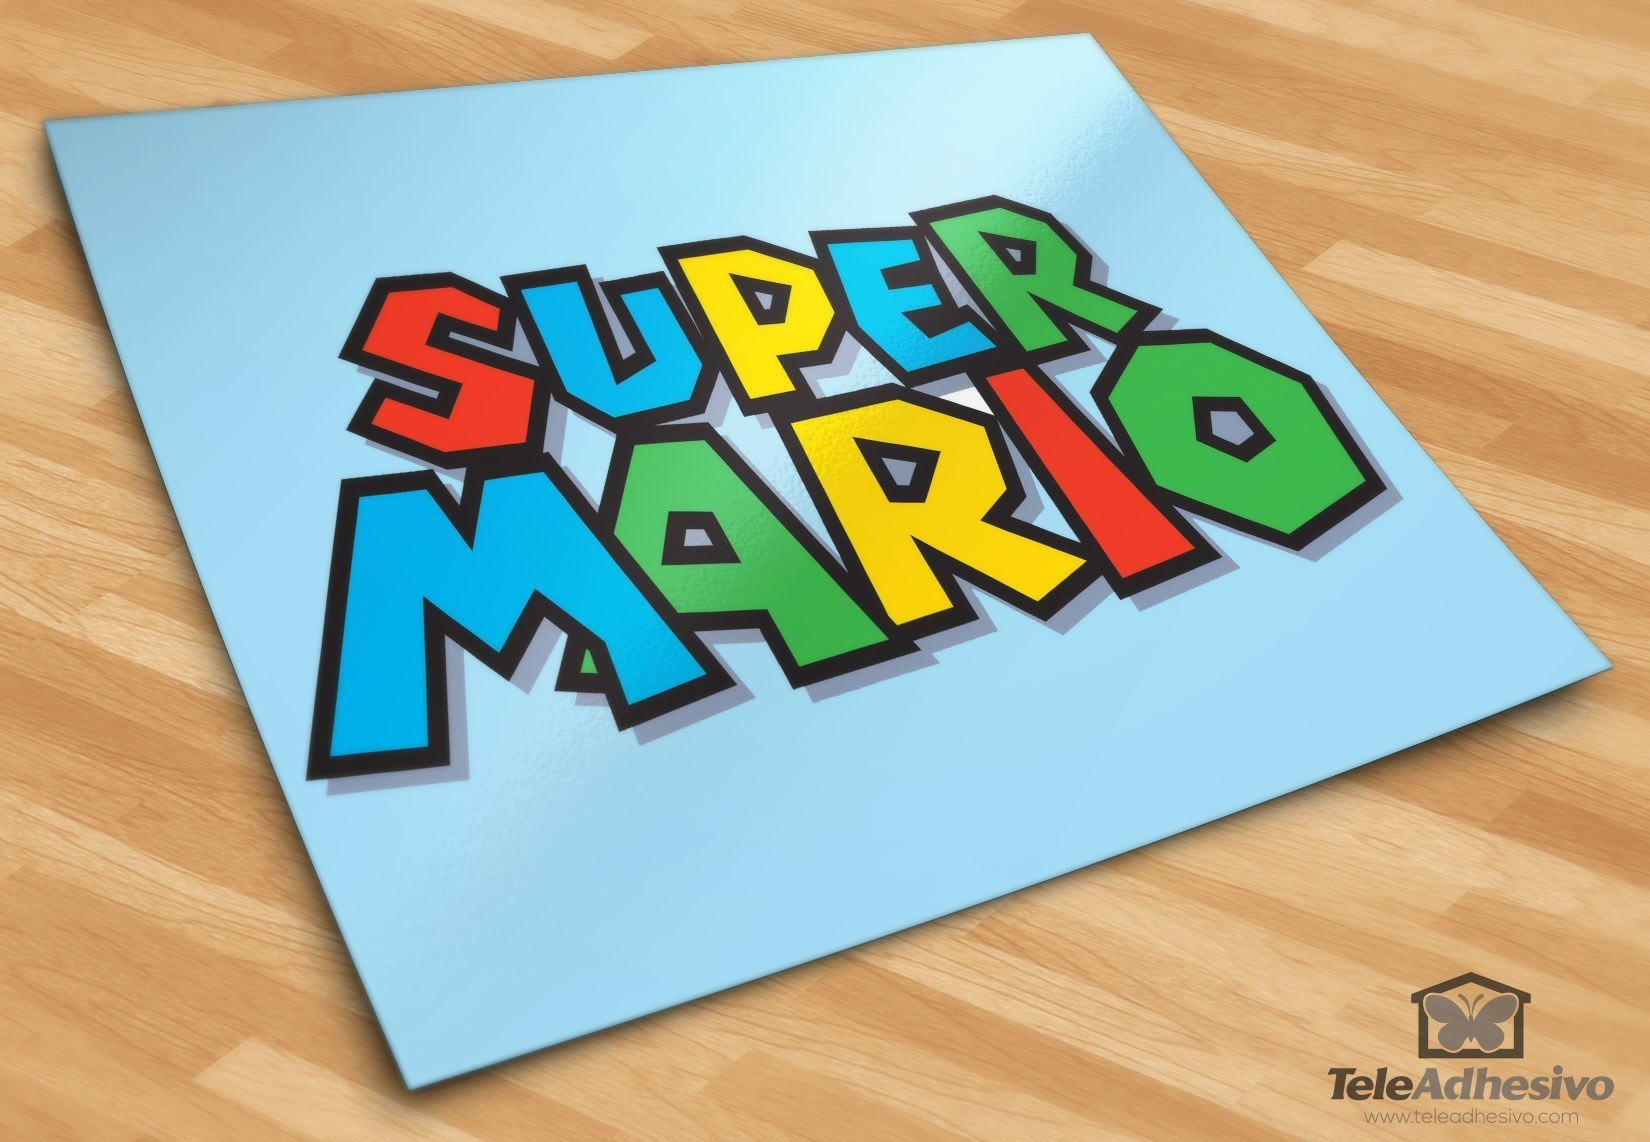 Kinderzimmer Wandtattoo: Super Mario Game